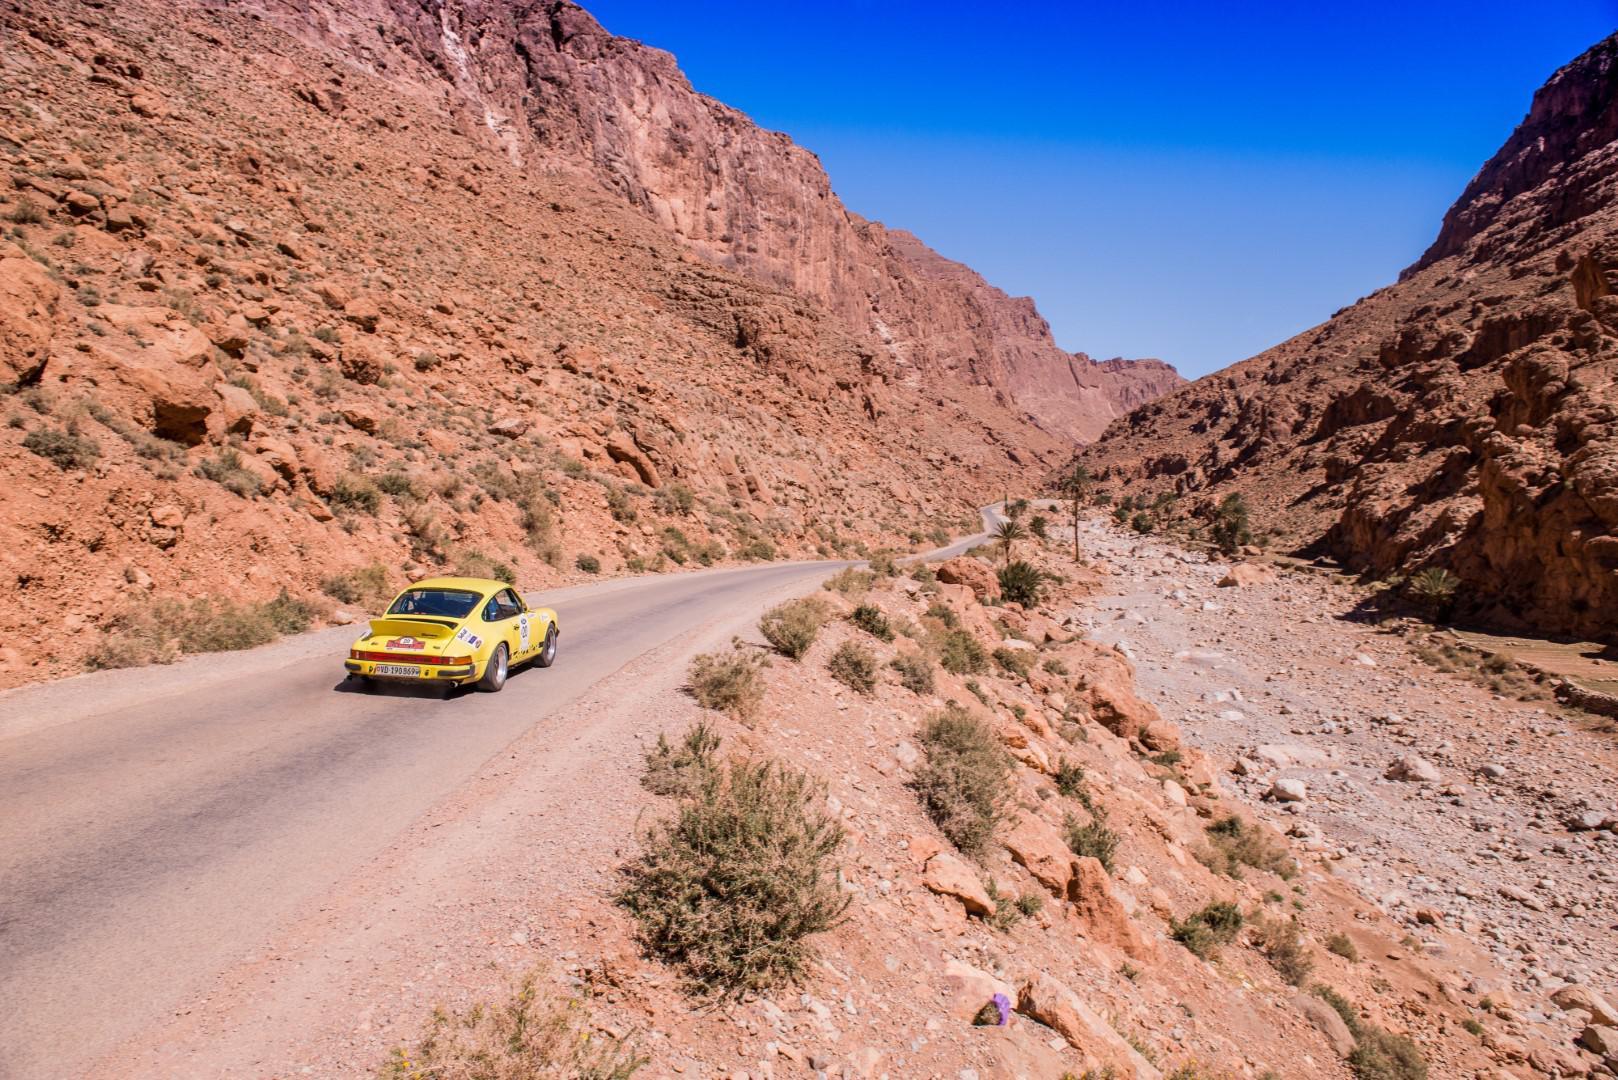 victoire-marocaine-pour-le-25eme-anniversaire-du-rallye-maroc-classic-680-20.jpg